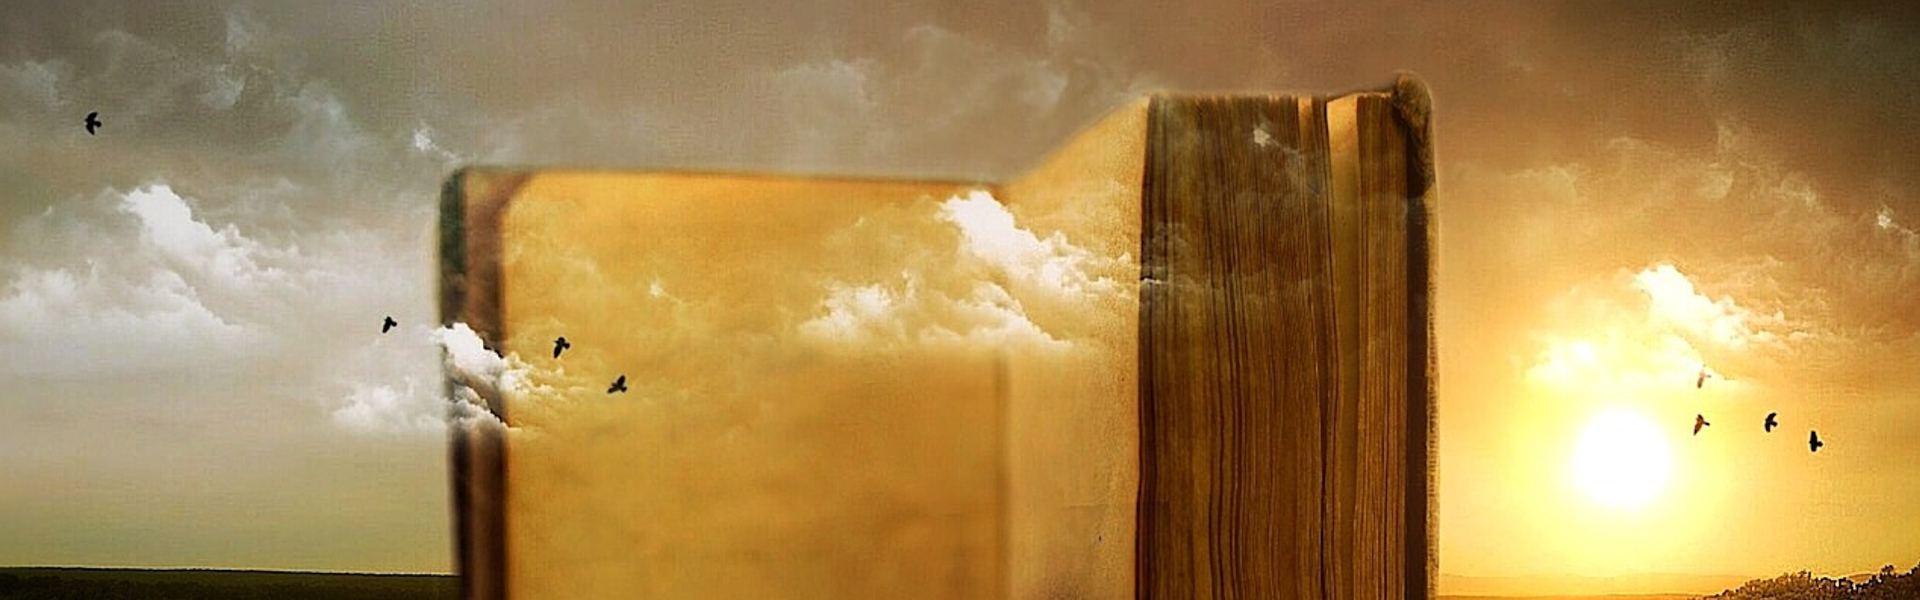 Feng Shui - Die Kraft des Wassers in Balance und Harmonie